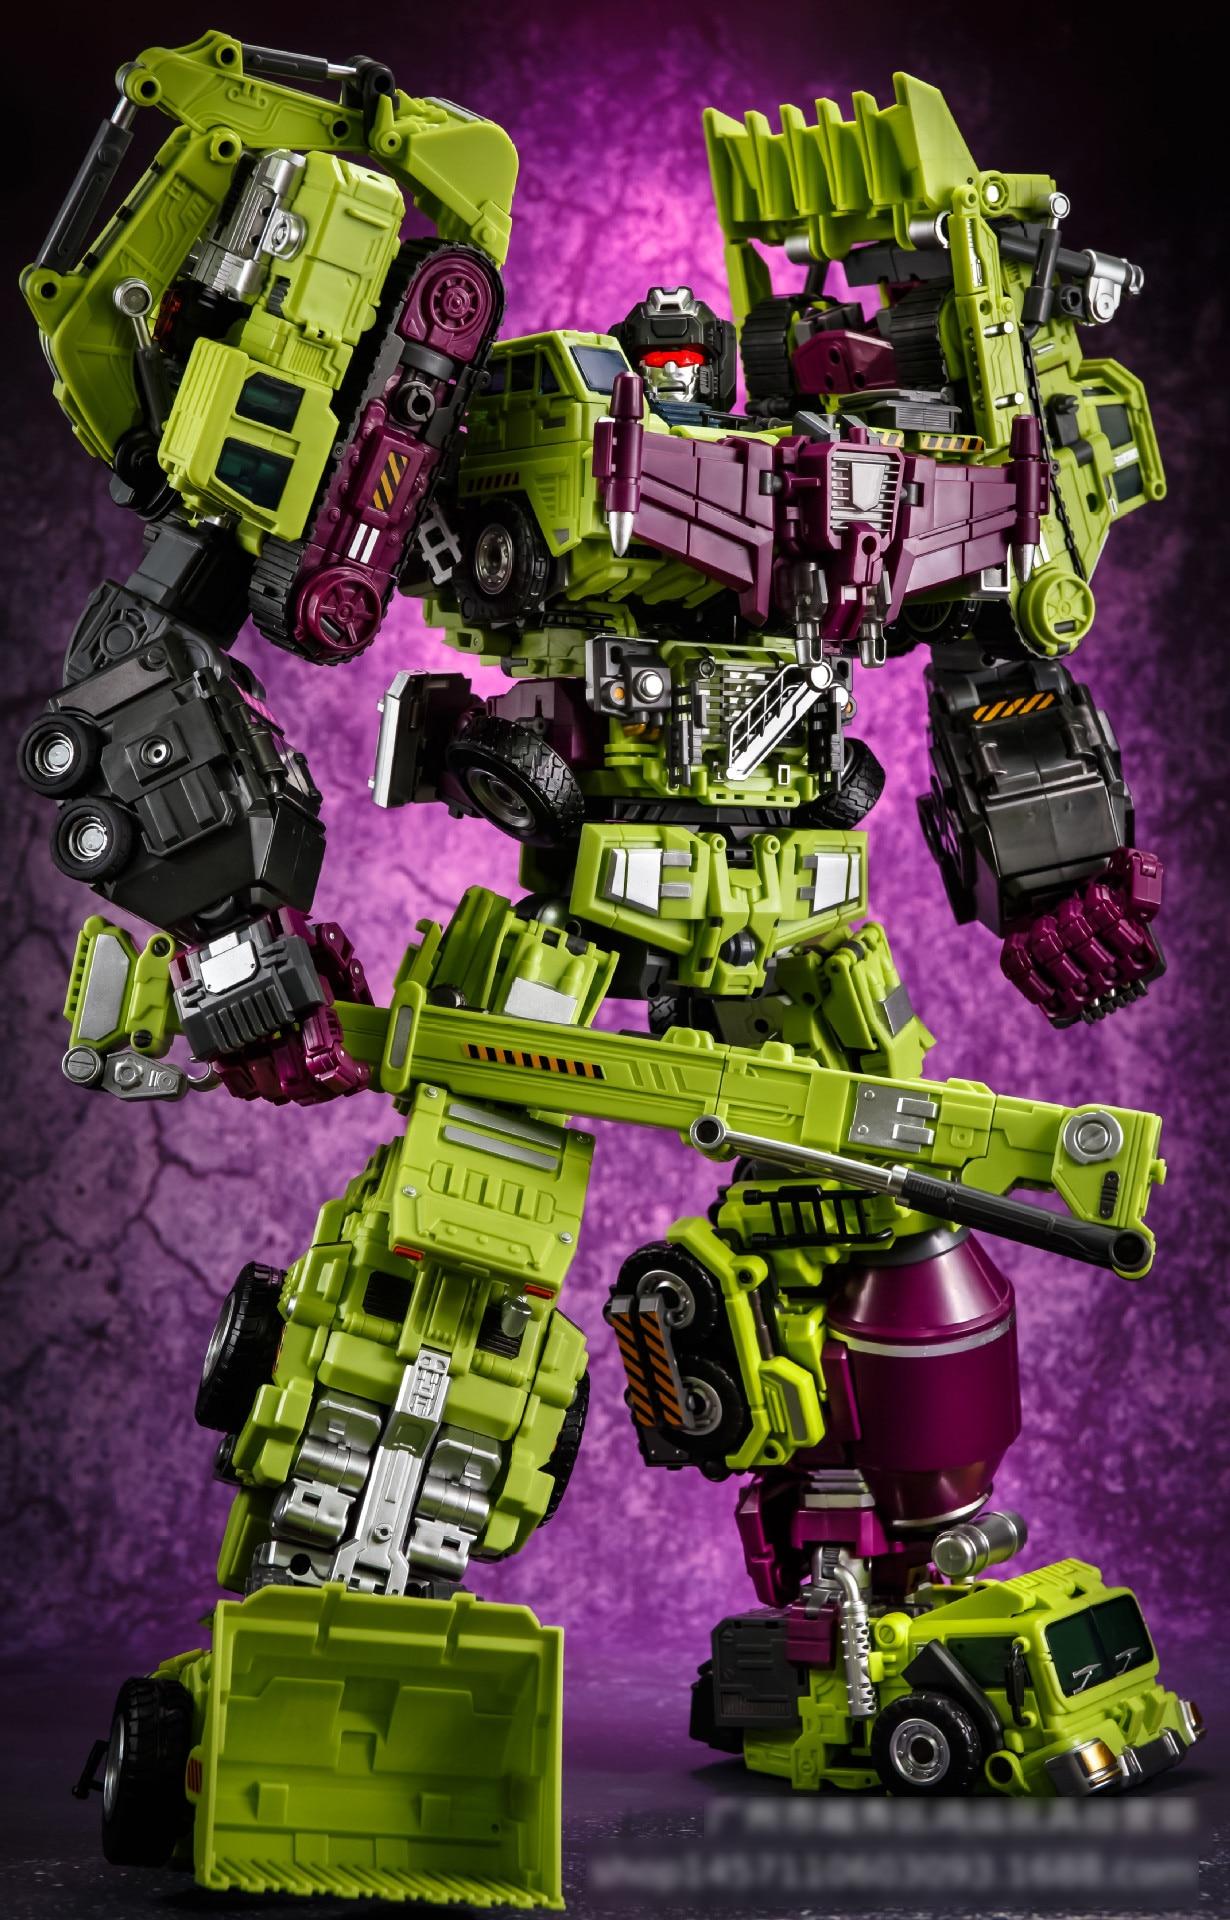 Modèle Transformation Defensor dévastateur Figure dévastateur figure jouet Robot jouets en plastique meilleur cadeau pour l'éducation des enfants